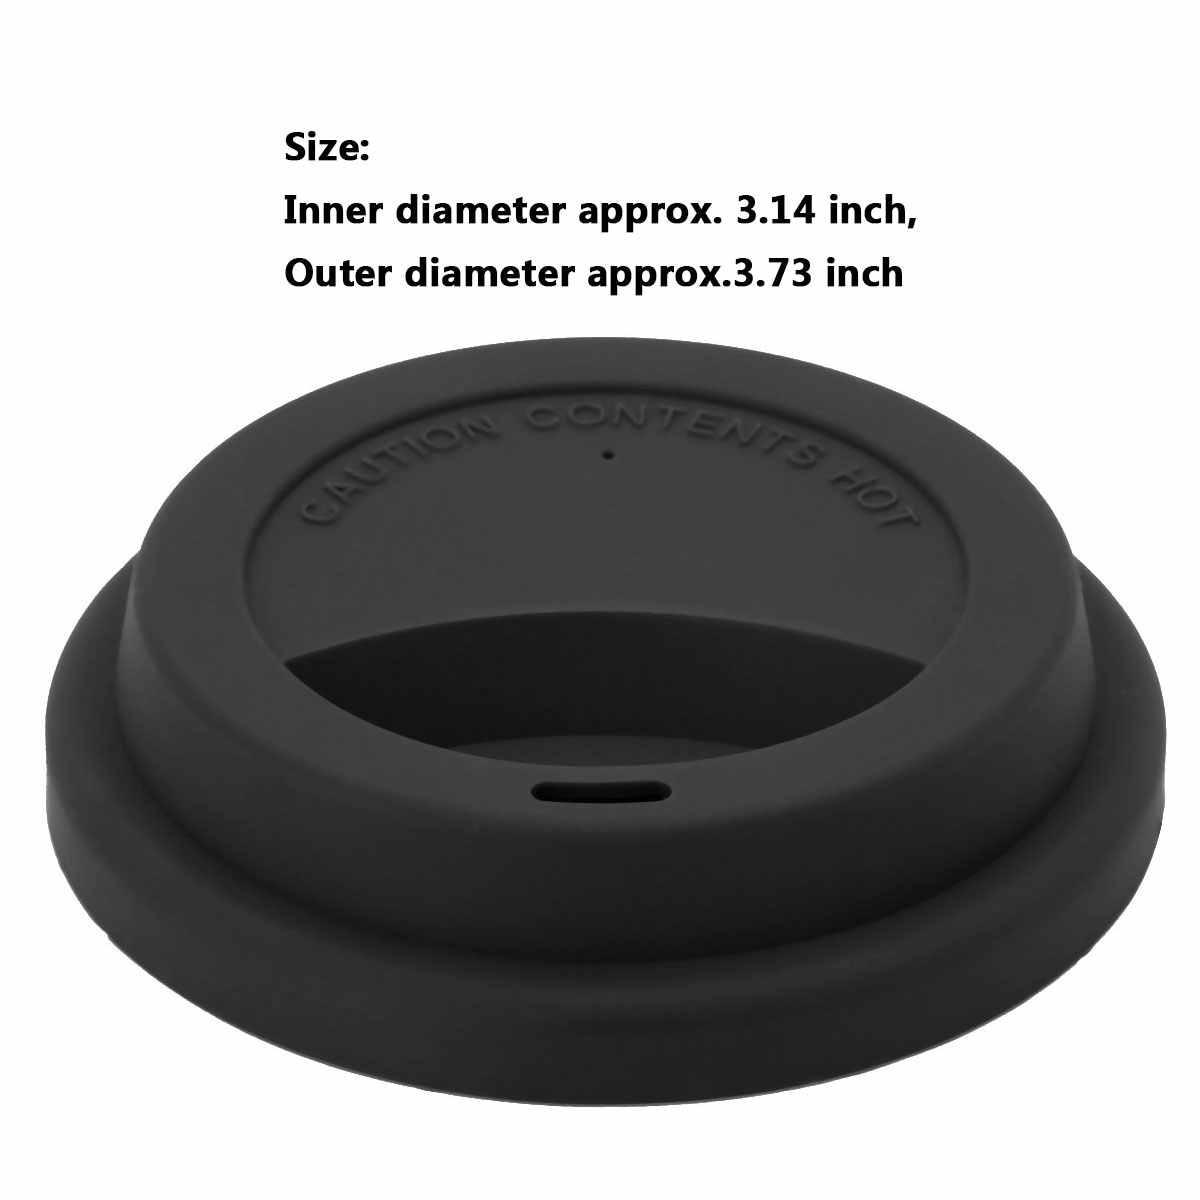 5 Reusable Piala Tutup Antileak Non Tumpahan Silikon untuk Perjalanan Mug Keramik Mug Kopi Teh Cangkir Air Dapat Digunakan Kembali Anti -Tutup Debu